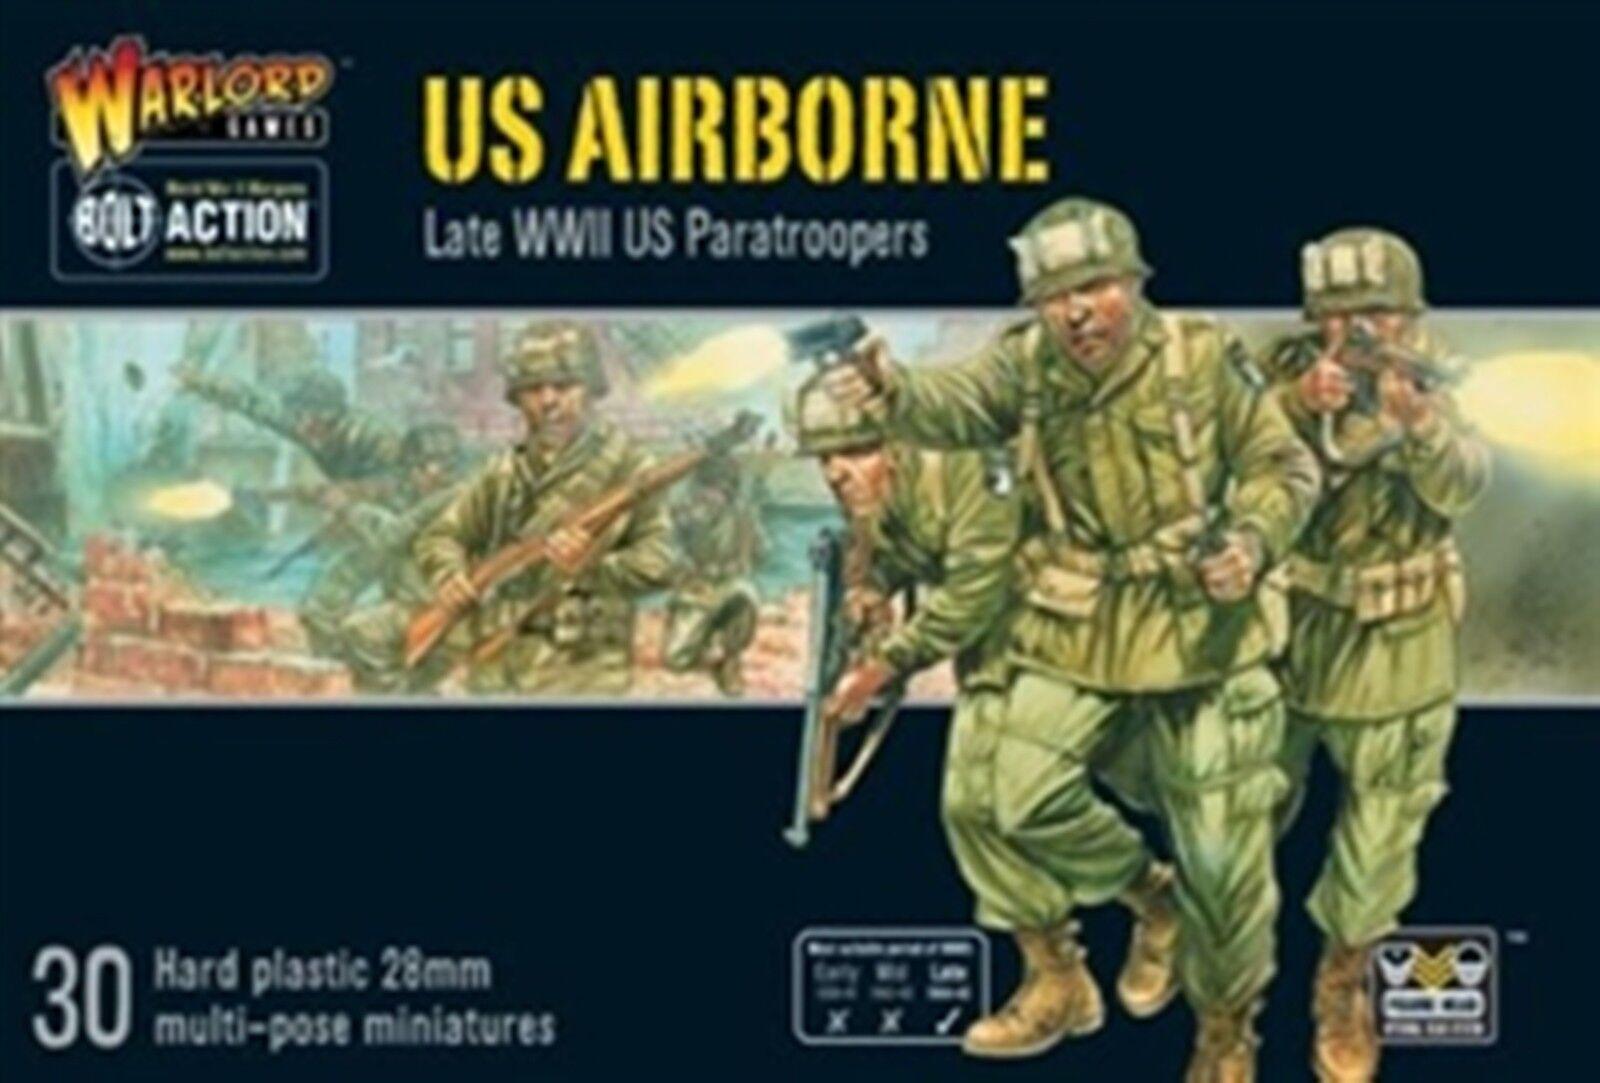 NY BOLT ÅTGÄRD MINISTRARE US AIRBORNE PLASTUS lådaED SETT WARS FIGURES 402013101